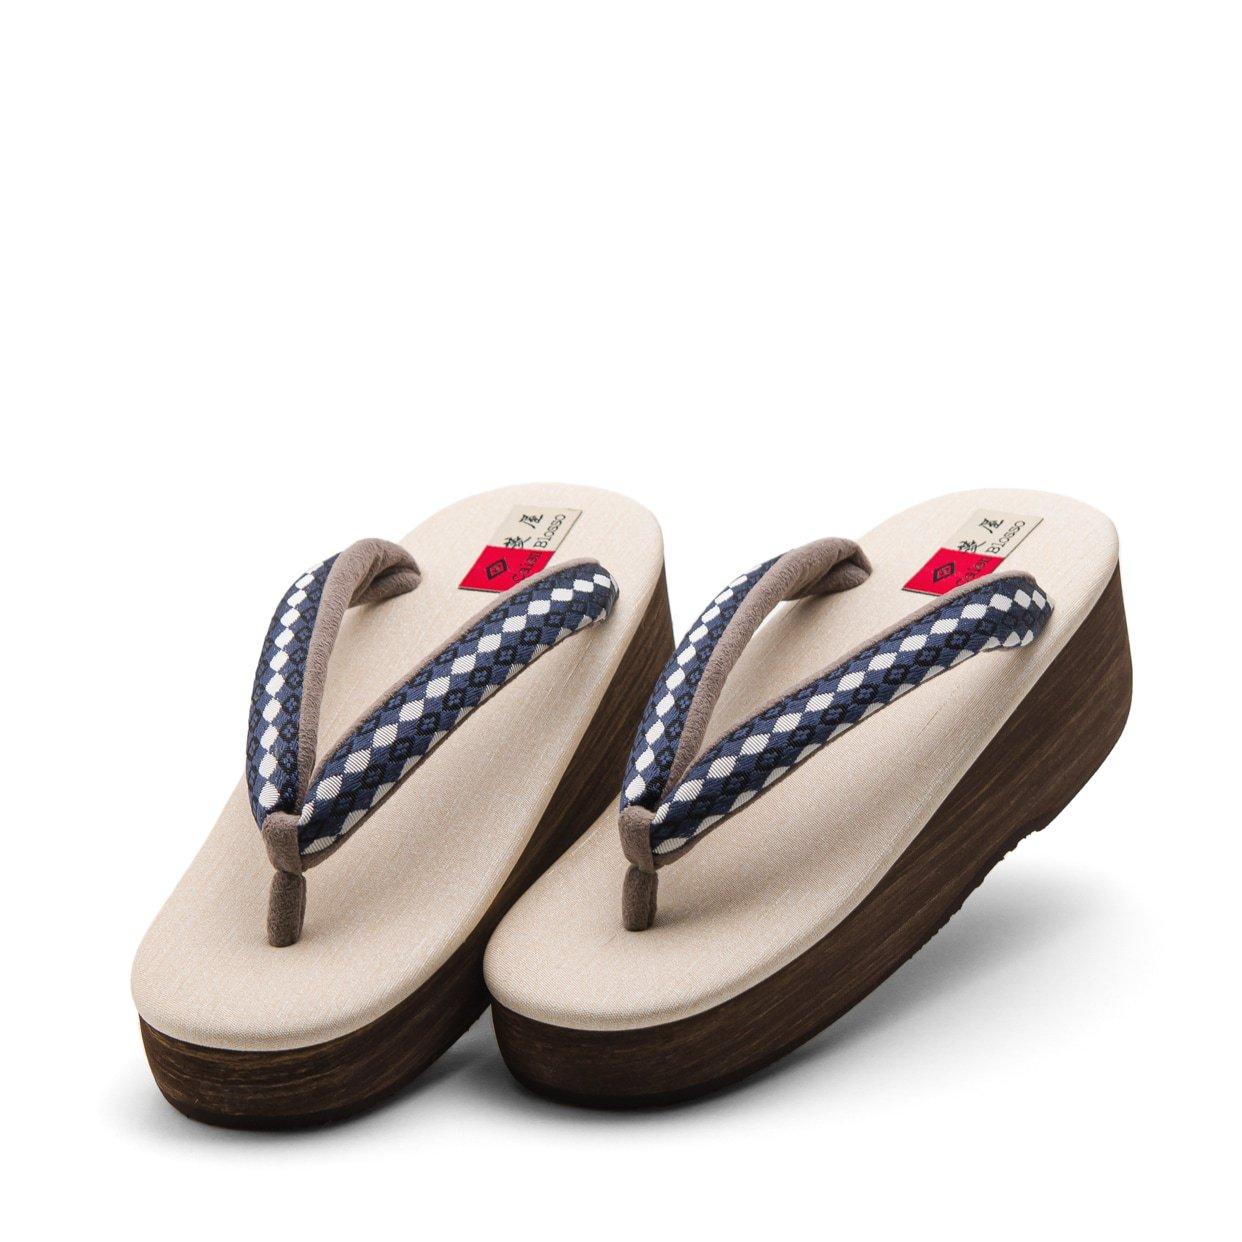 「カレンブロッソ 博多織 アイボリーダイヤ M」の商品画像